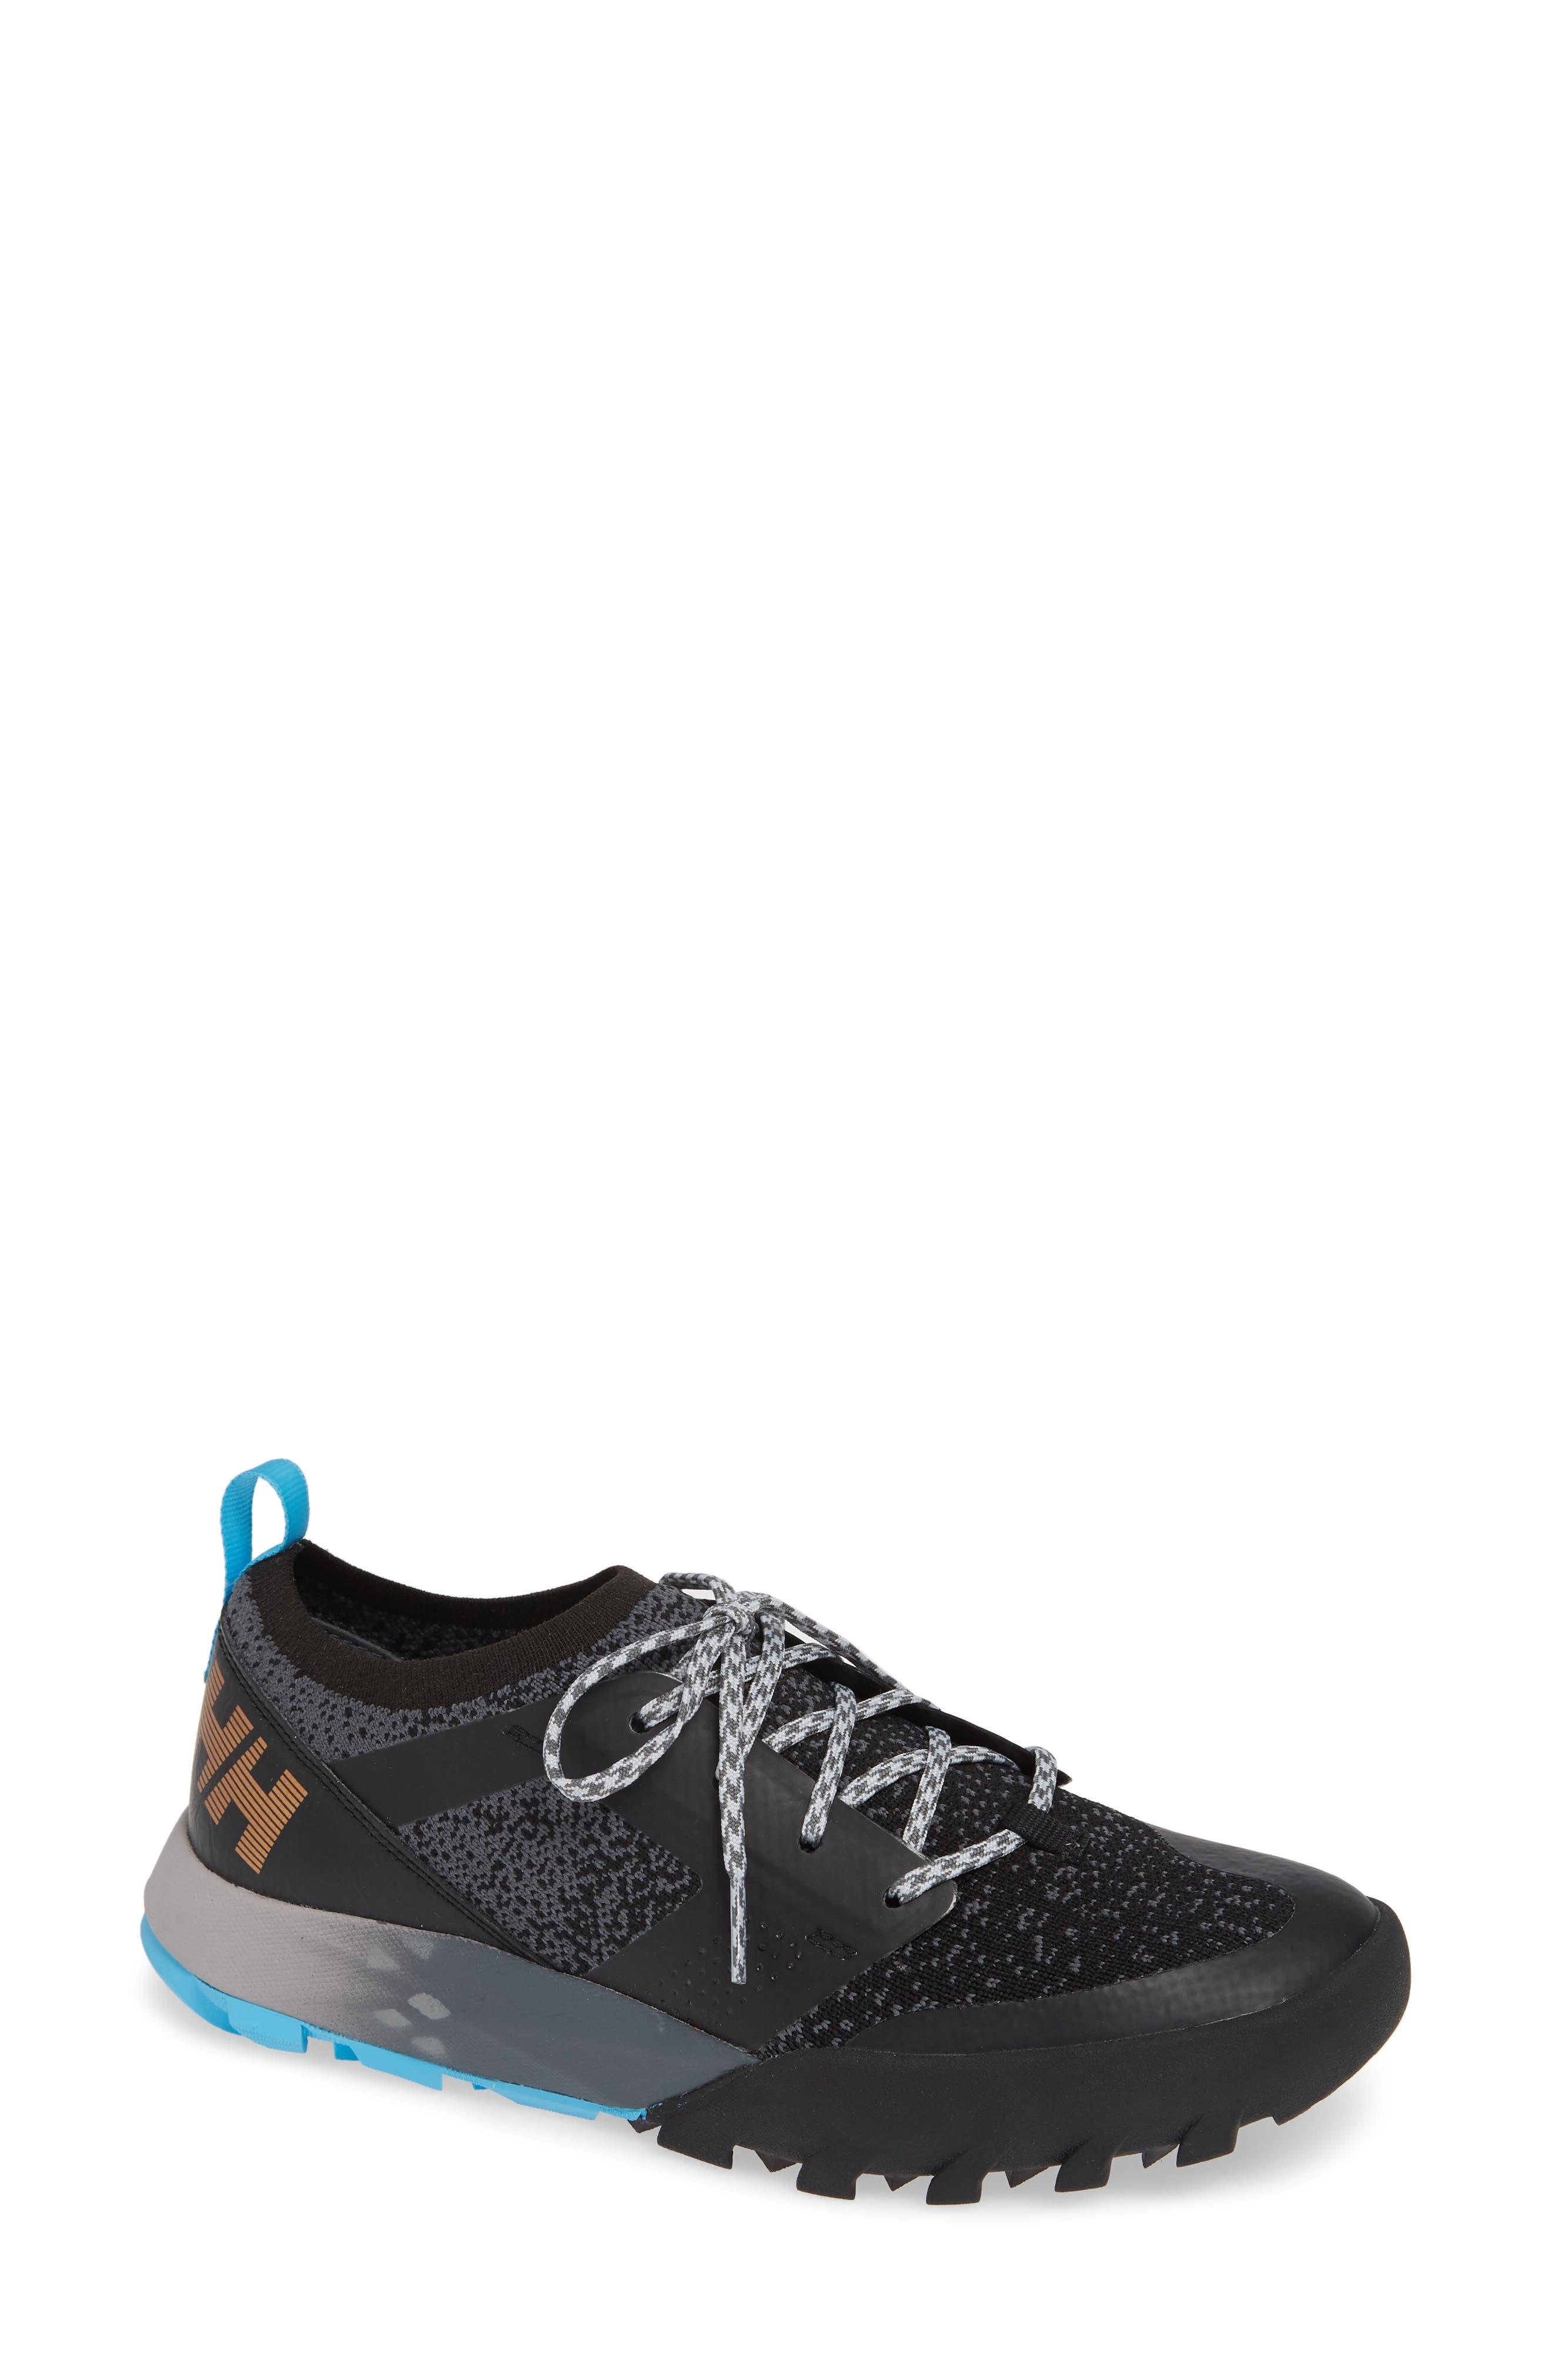 Loke Dash Trail Sneaker in Black/ Charcoal/ Silver